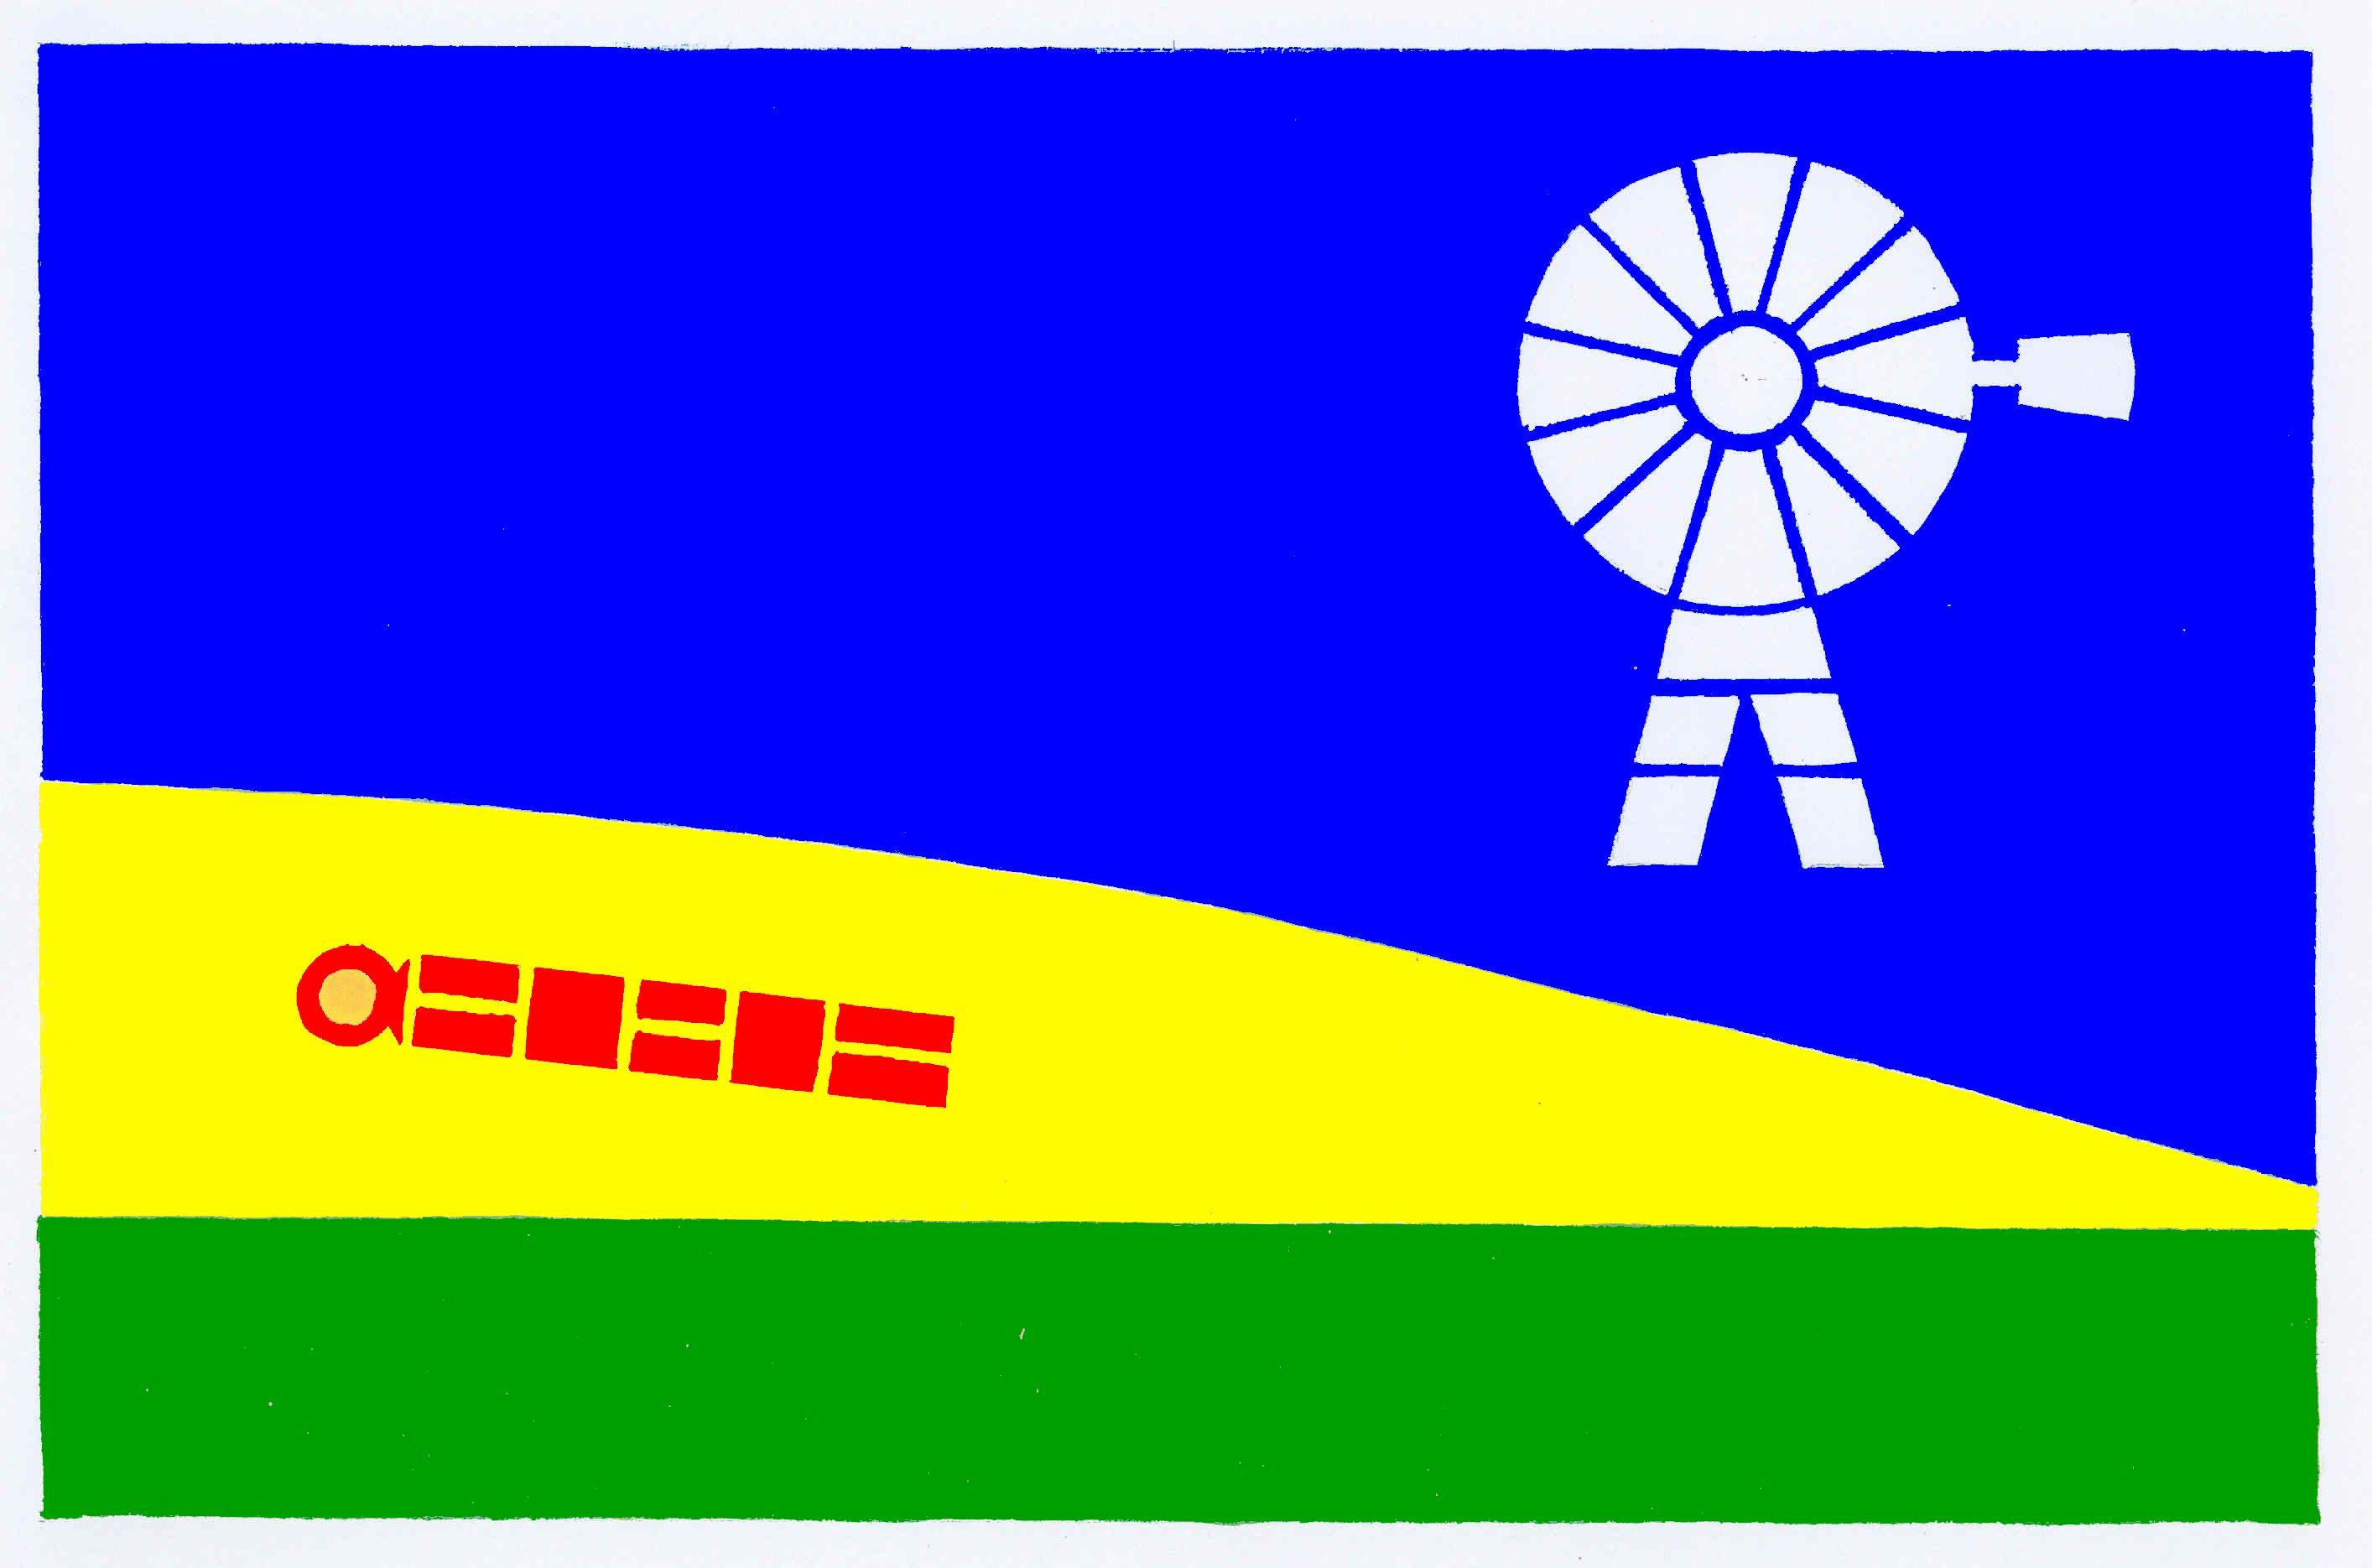 Flagge GemeindeHögel, Kreis Nordfriesland